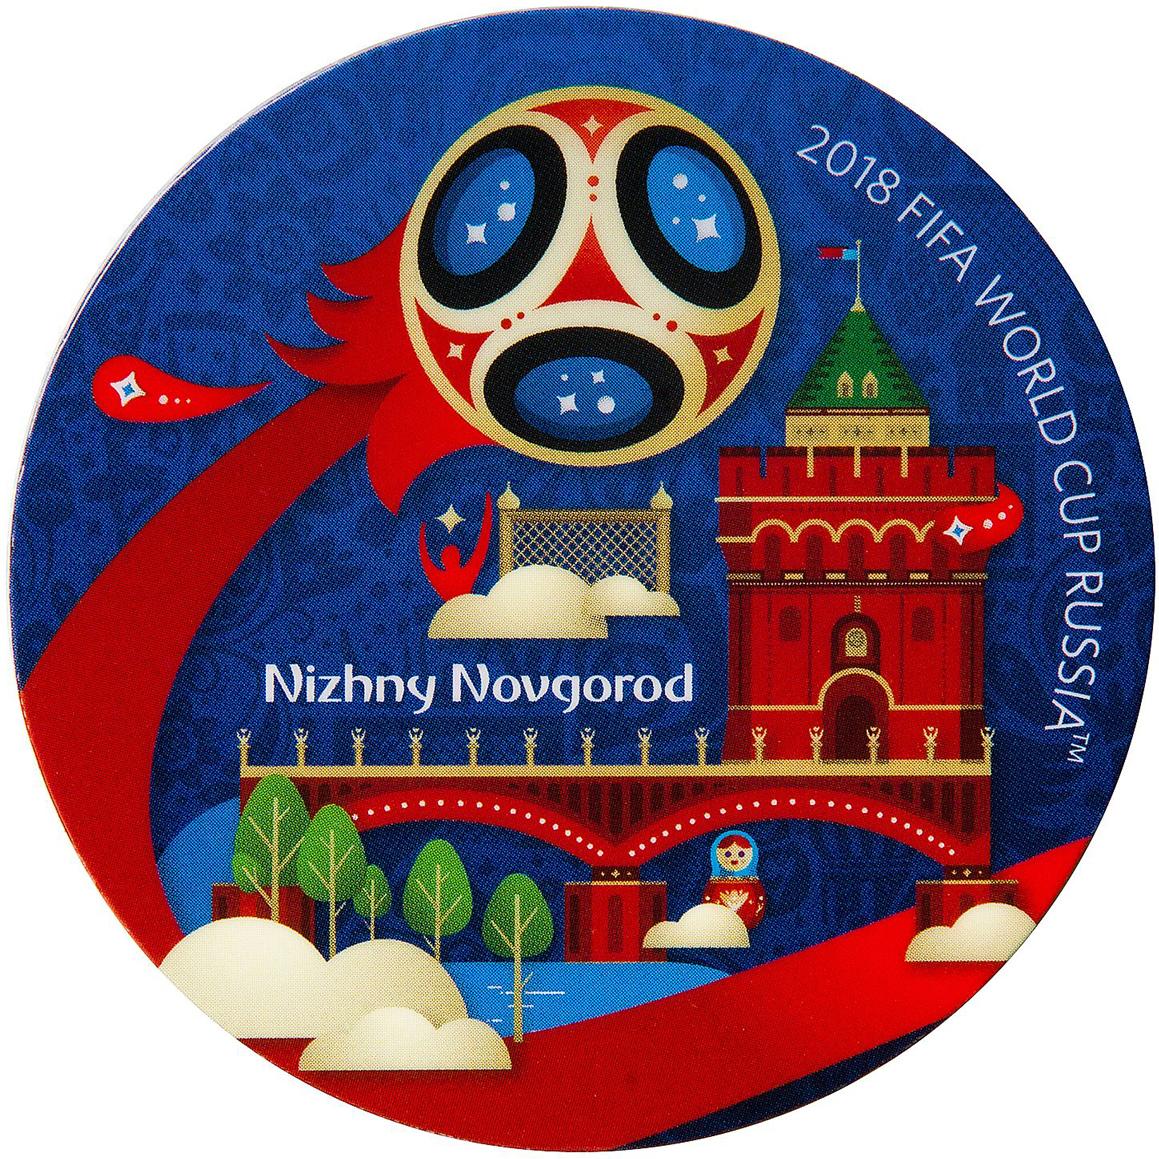 Магнит сувенирный FIFA 2018 Нижний Новгород, 8 х 11 см. СН508 авто спойлер в нижнем новгороде